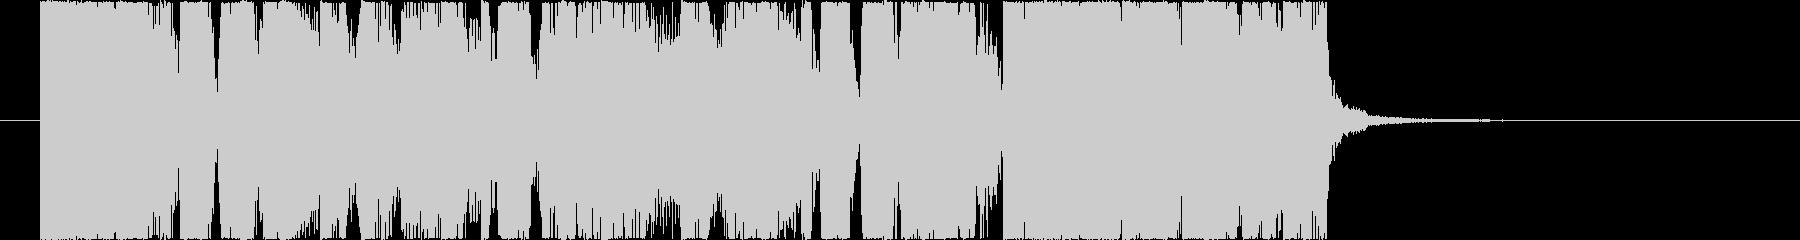 パワフルなファンクロックのジングルの未再生の波形